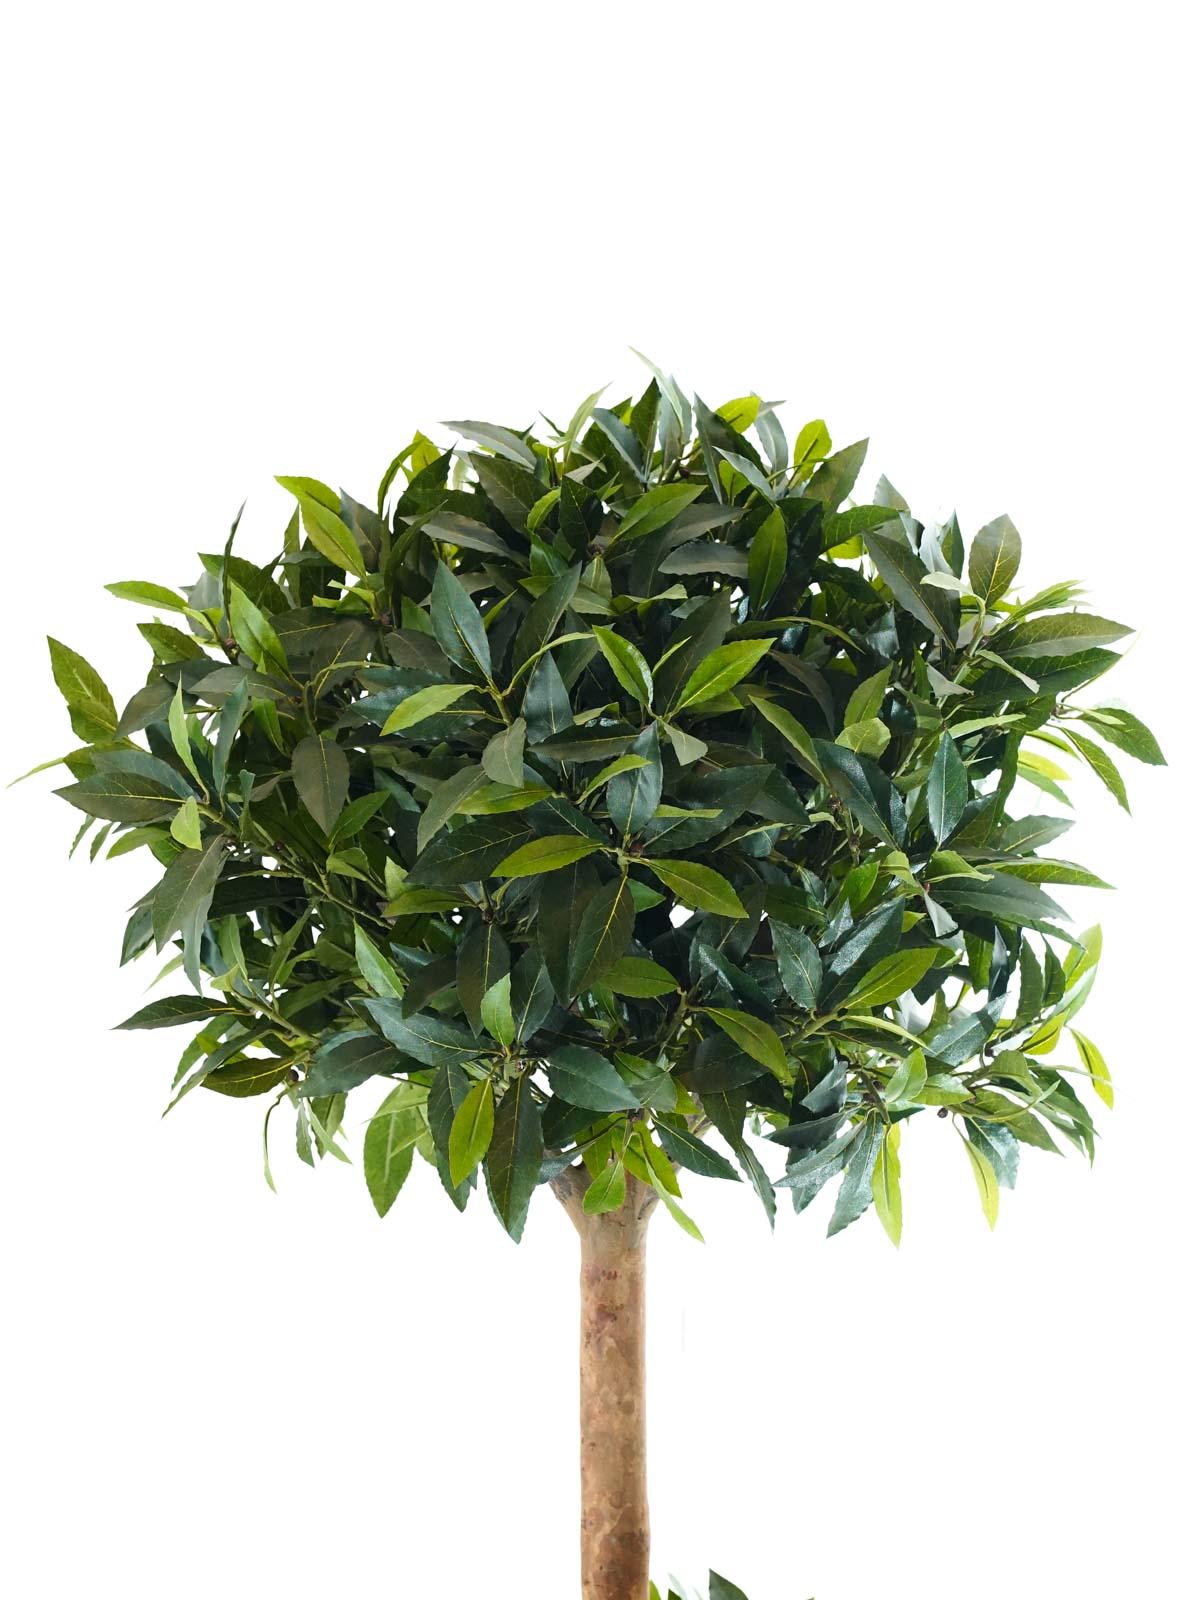 شجرة سويت باي بول - كبير نباتات اصطناعية أشجار